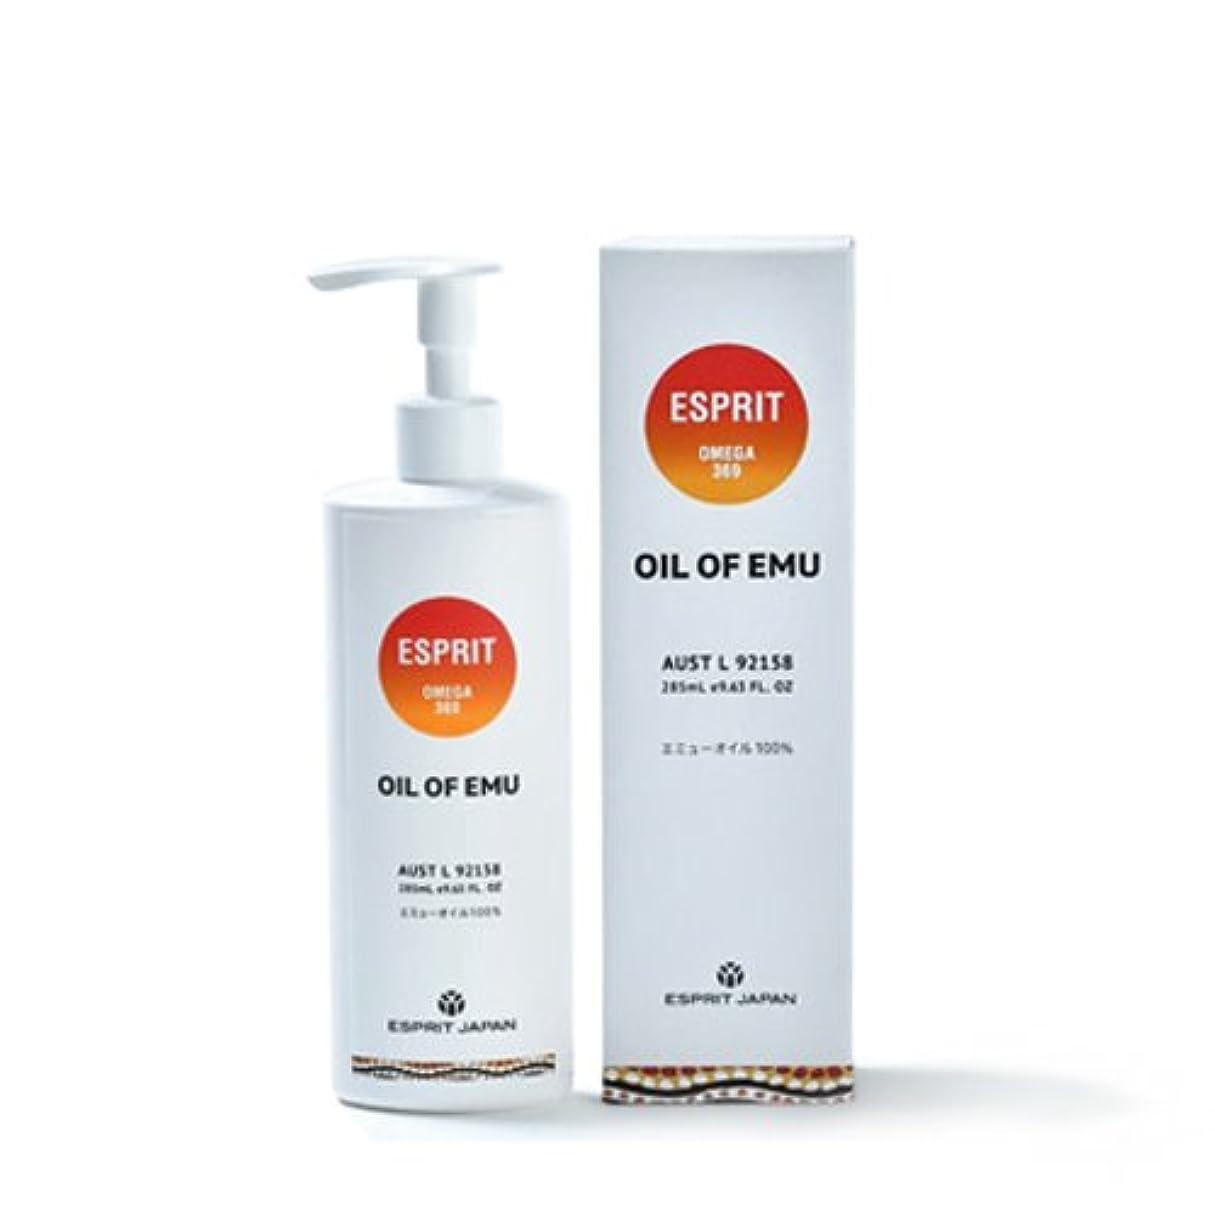 非行トライアスリートに【OIL OF EMU】【285ml】【エミューマッサージオイル】【エミューオイル】EMU SPIRIT製 オイル?オブ?エミュー 285ml OIL of EMU (エミューオイル 100%) Sサイズ